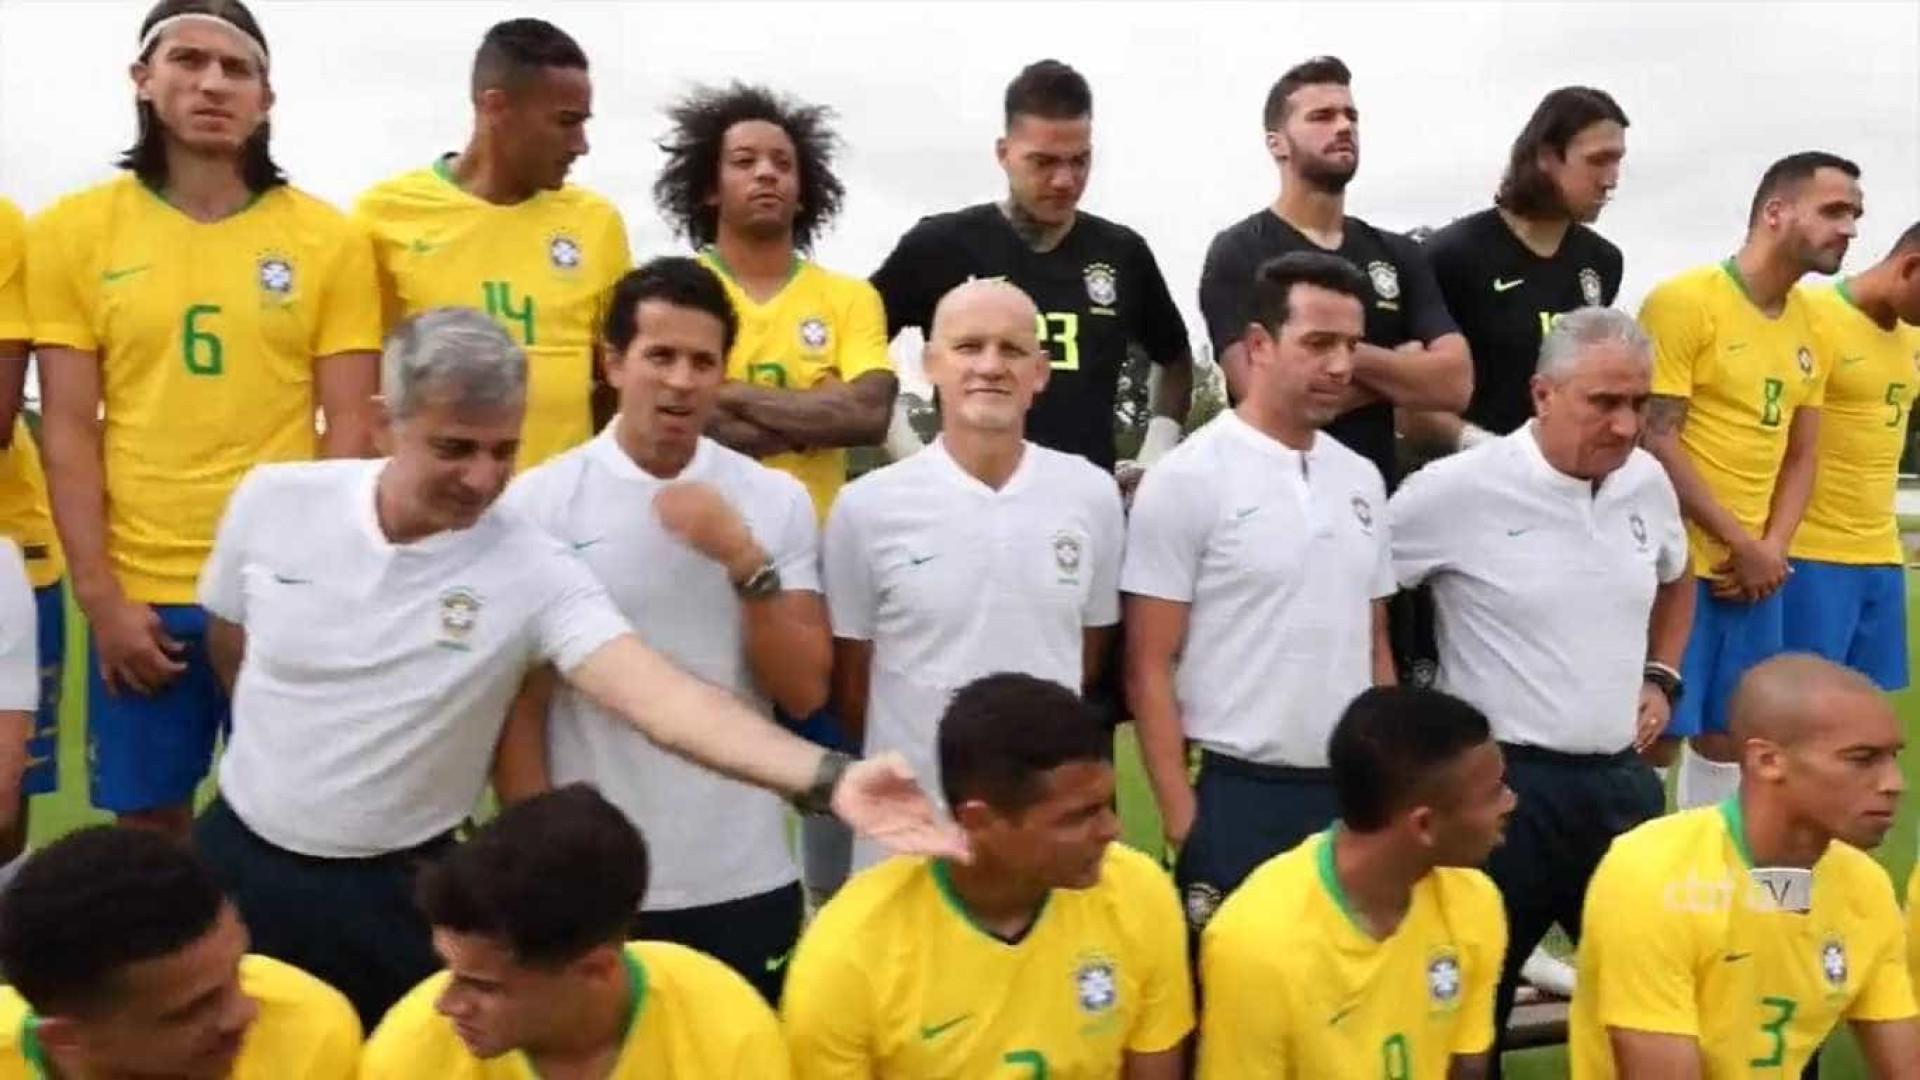 Vídeo mostra making of da foto oficial da Seleção para a Copa do Mundo